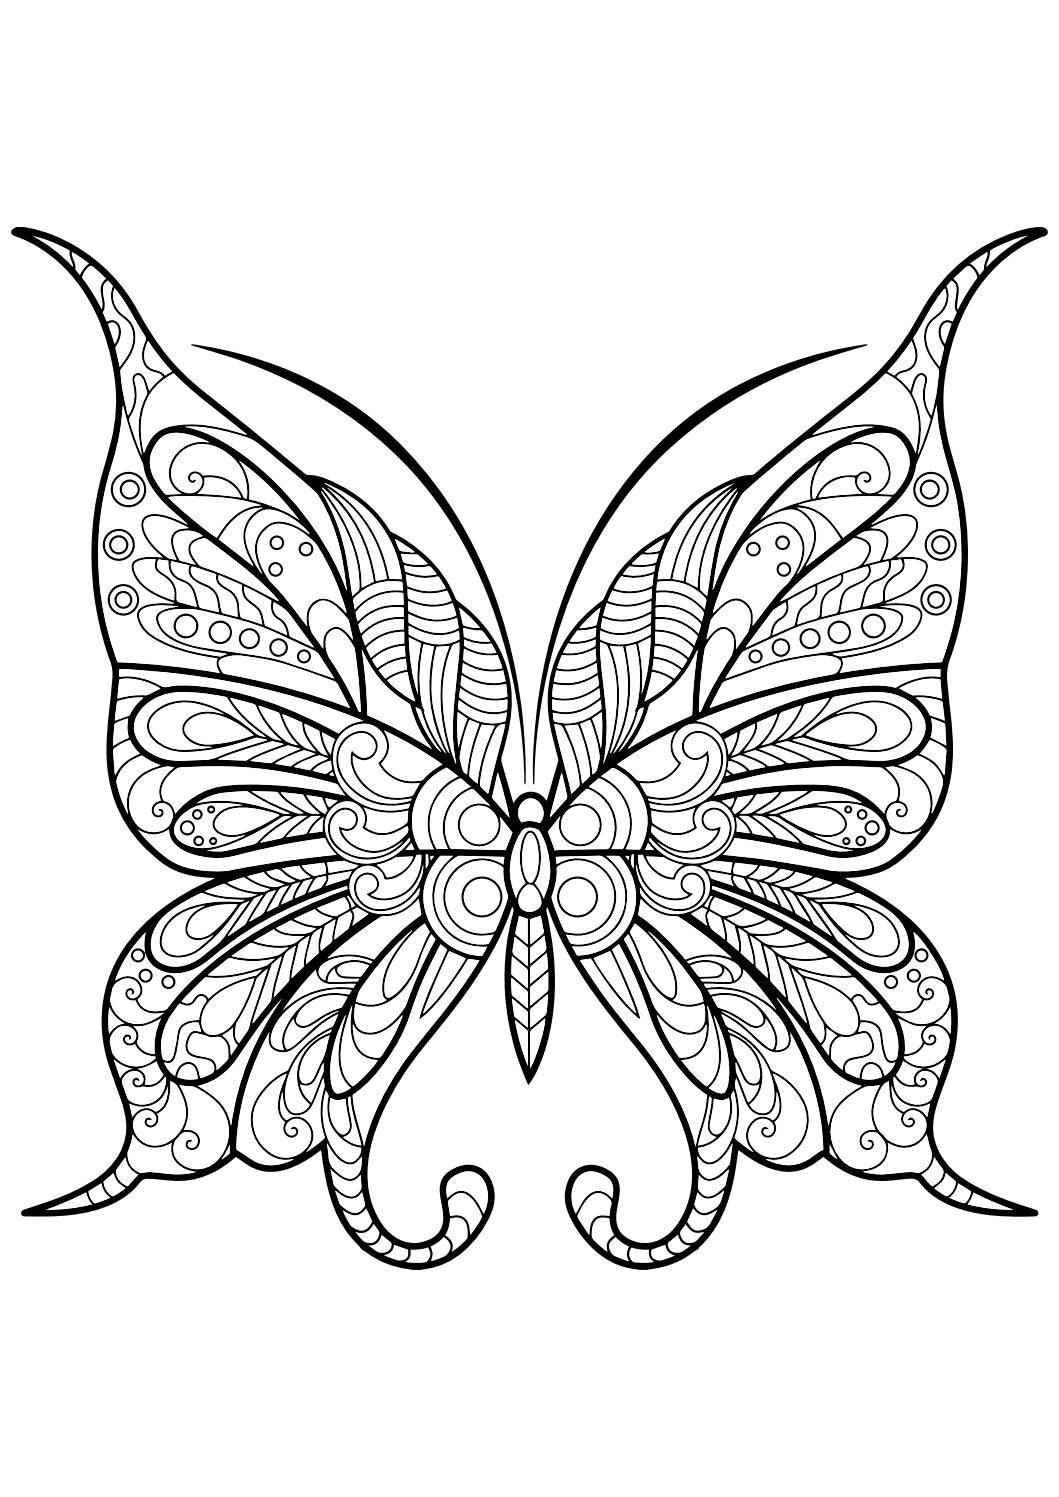 Ausmalbilder Mandala Schmetterling : Adult Butterfly Coloring Book Bilder Zum Ausmalen Ausmalen Und Bilder